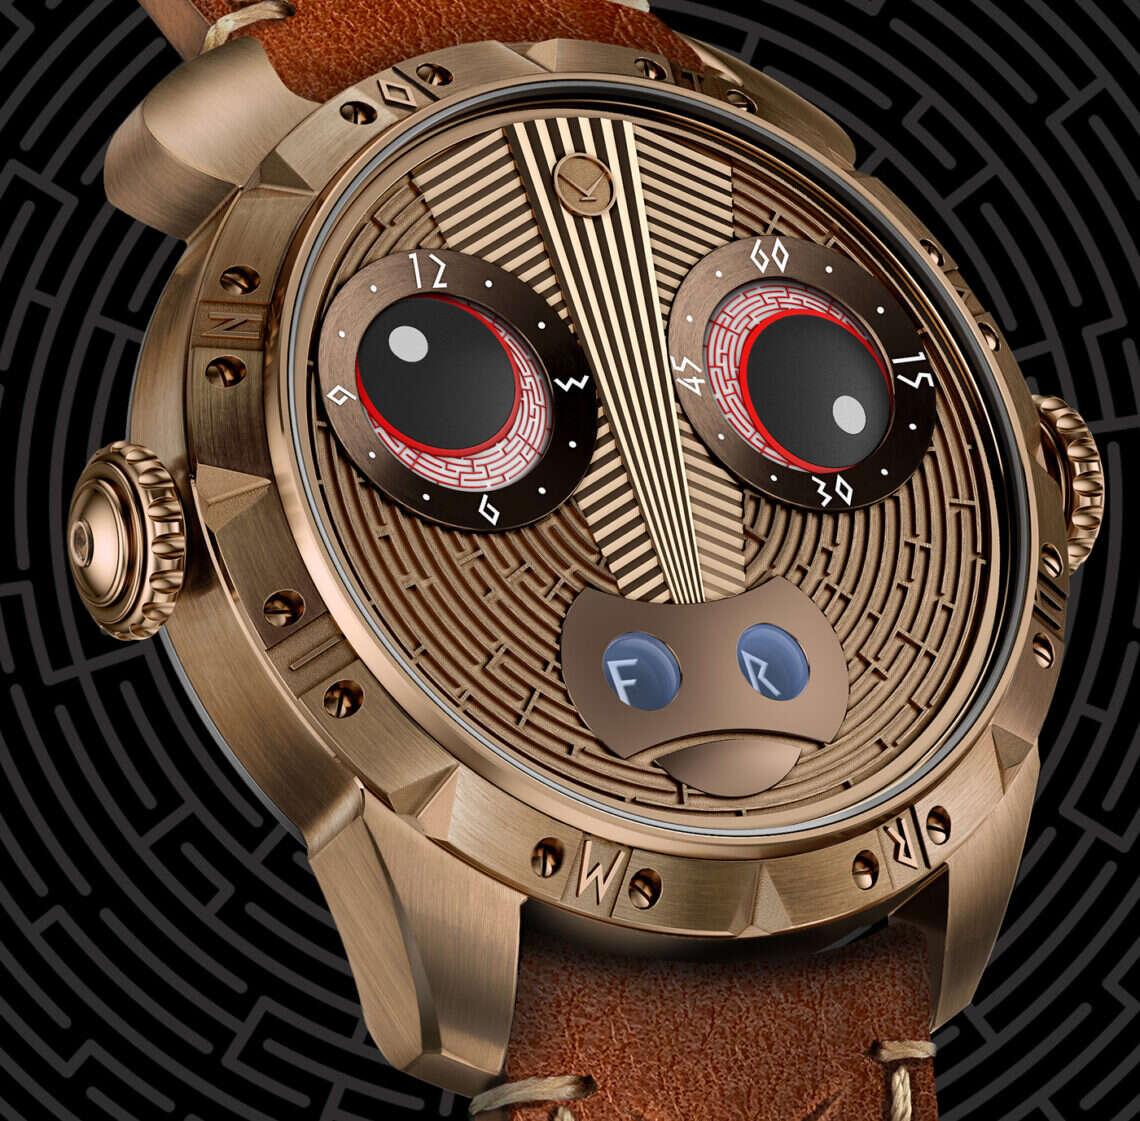 Chętni na minotaura na nadgarstku? Spójrzcie na ten wyjątkowy zegarek